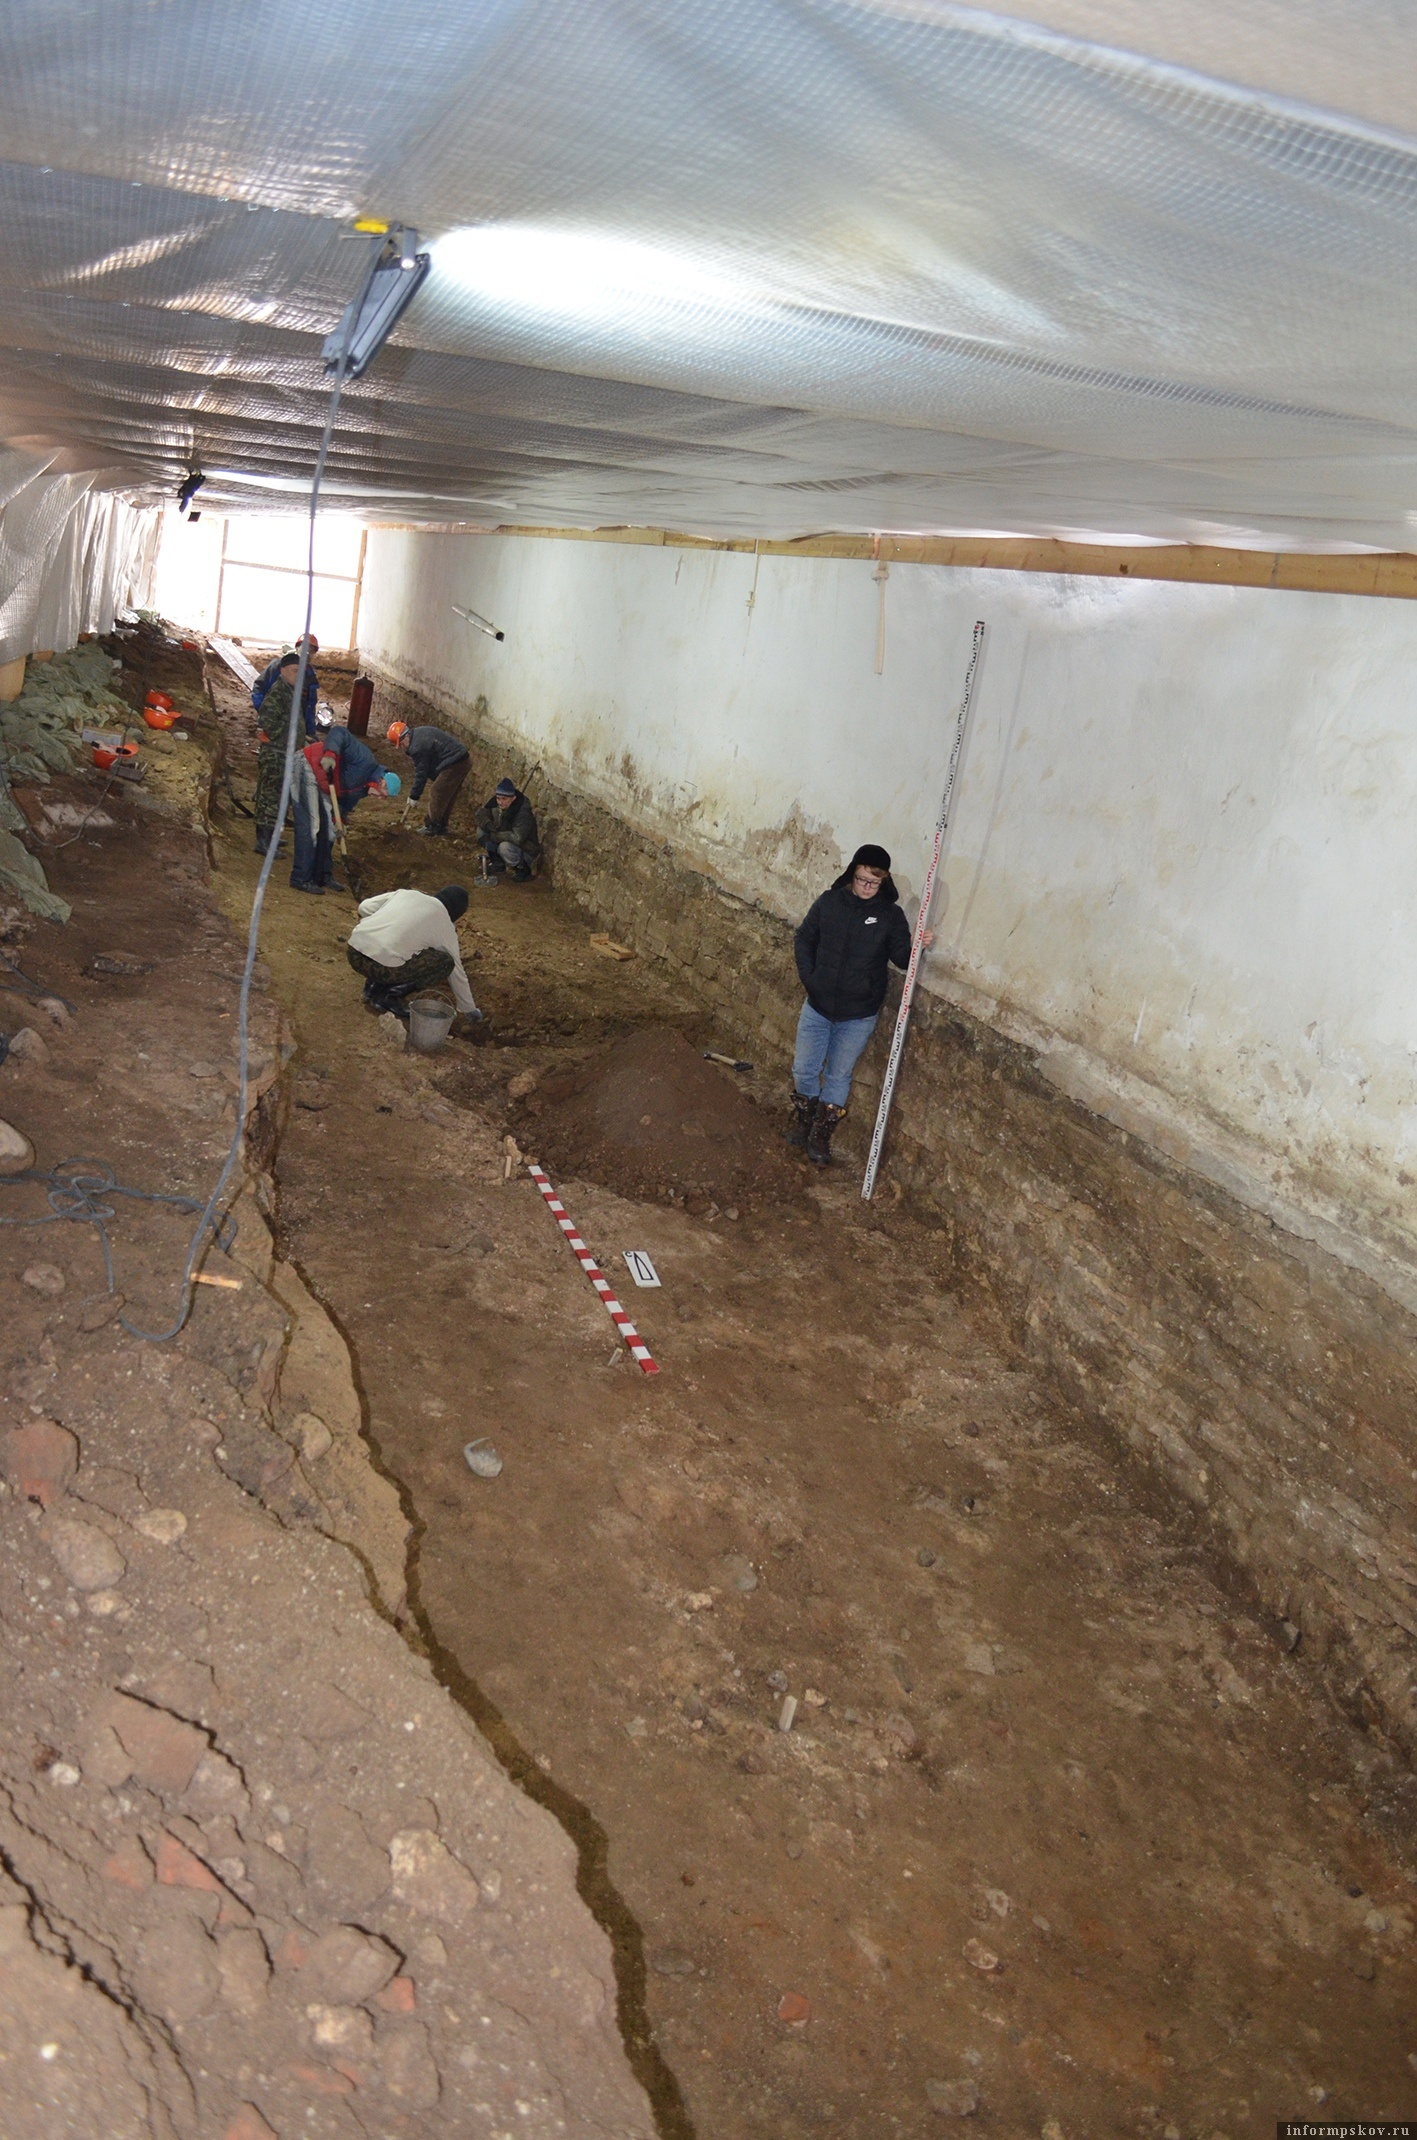 Фото: Археологический центр Псковской области (Instagram)